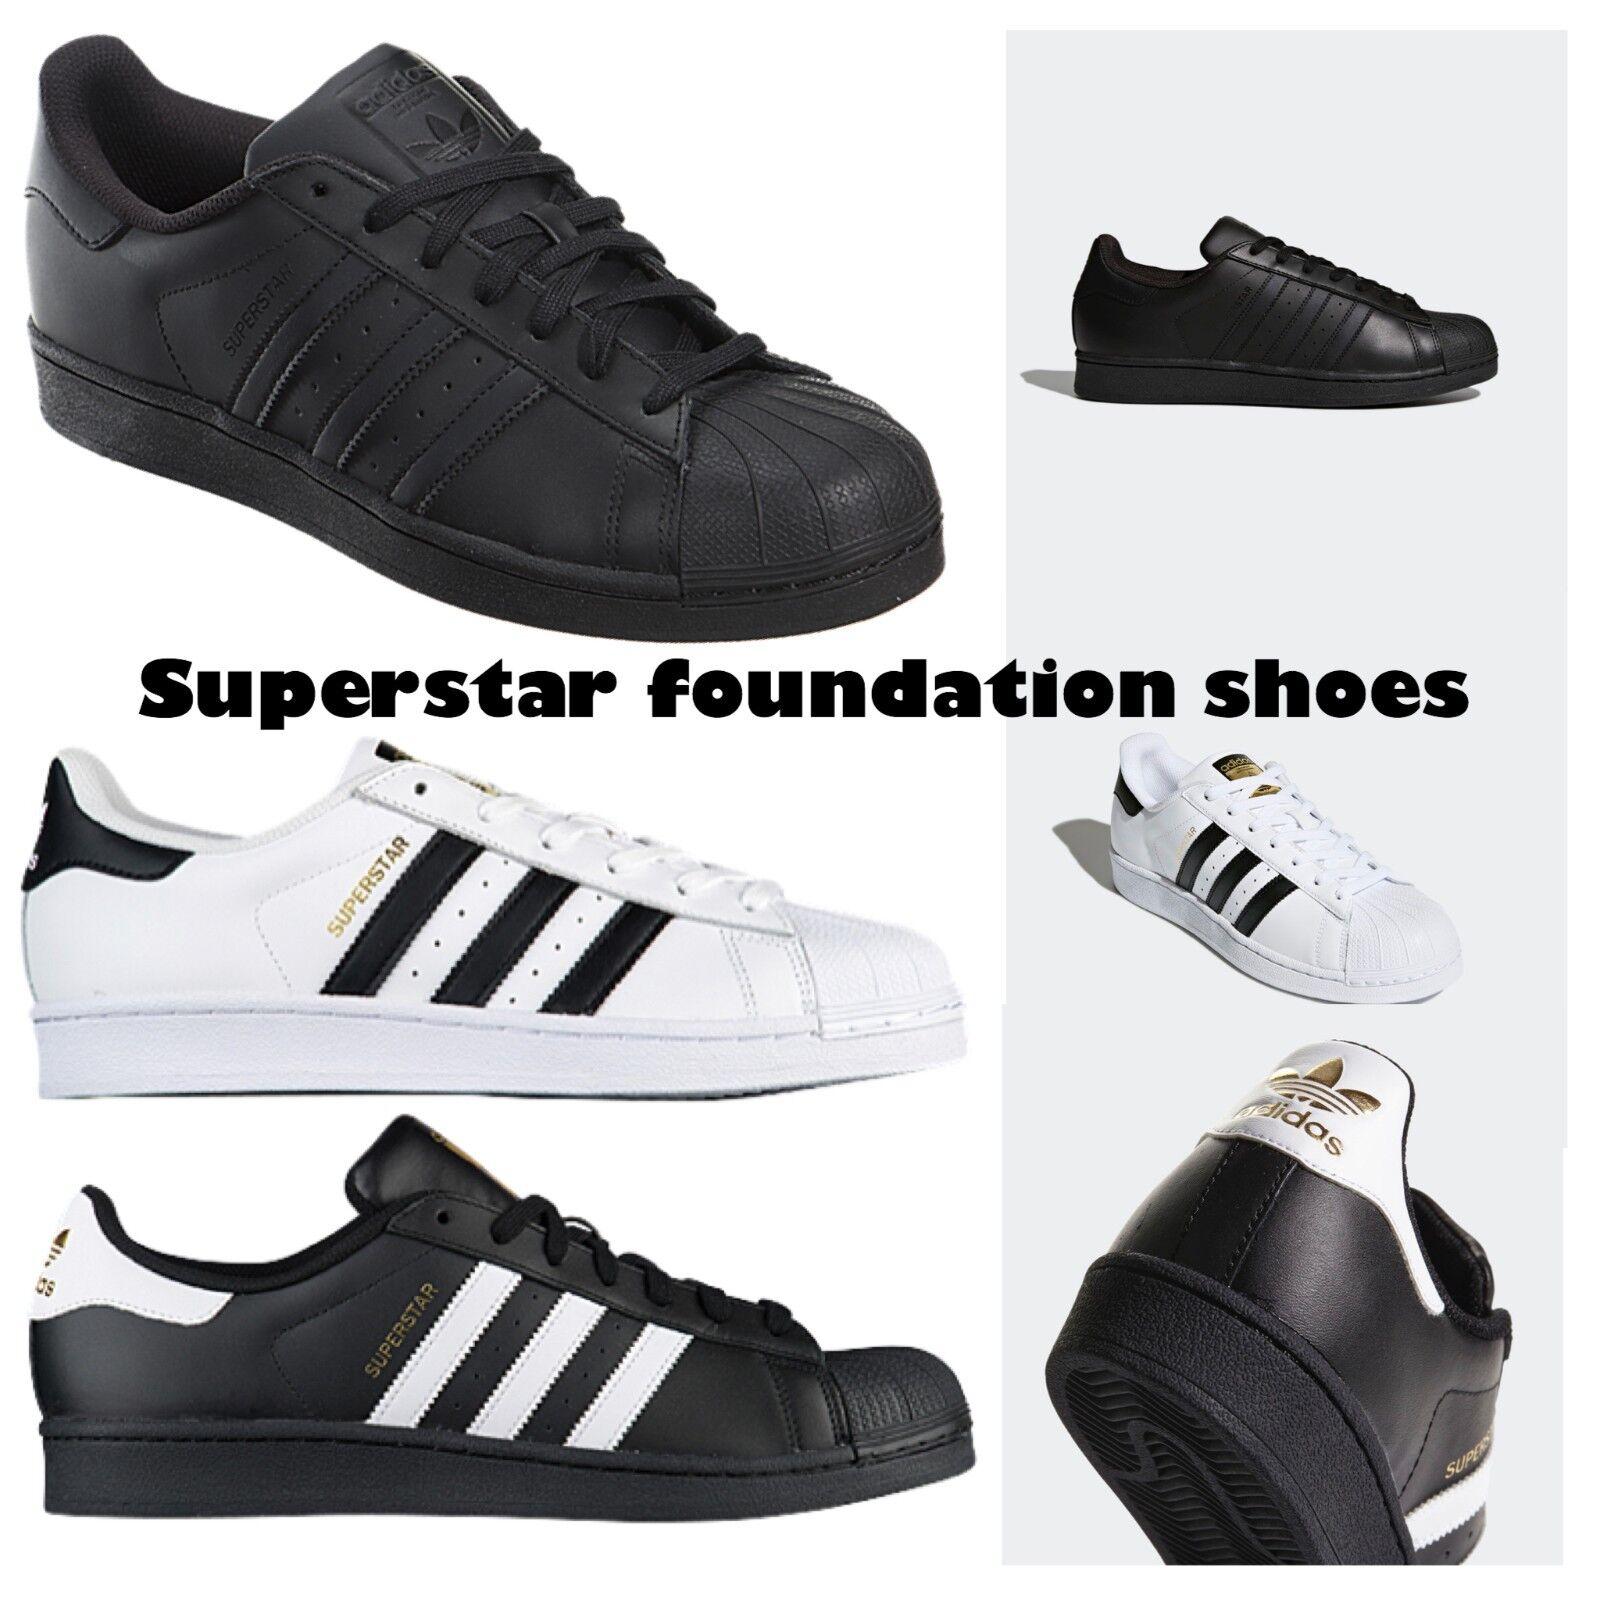 Adidas Superstar Unisex  Men's Women's WHITE BLACK FOUNDATION Trainers Shoes Cheap women's shoes women's shoes